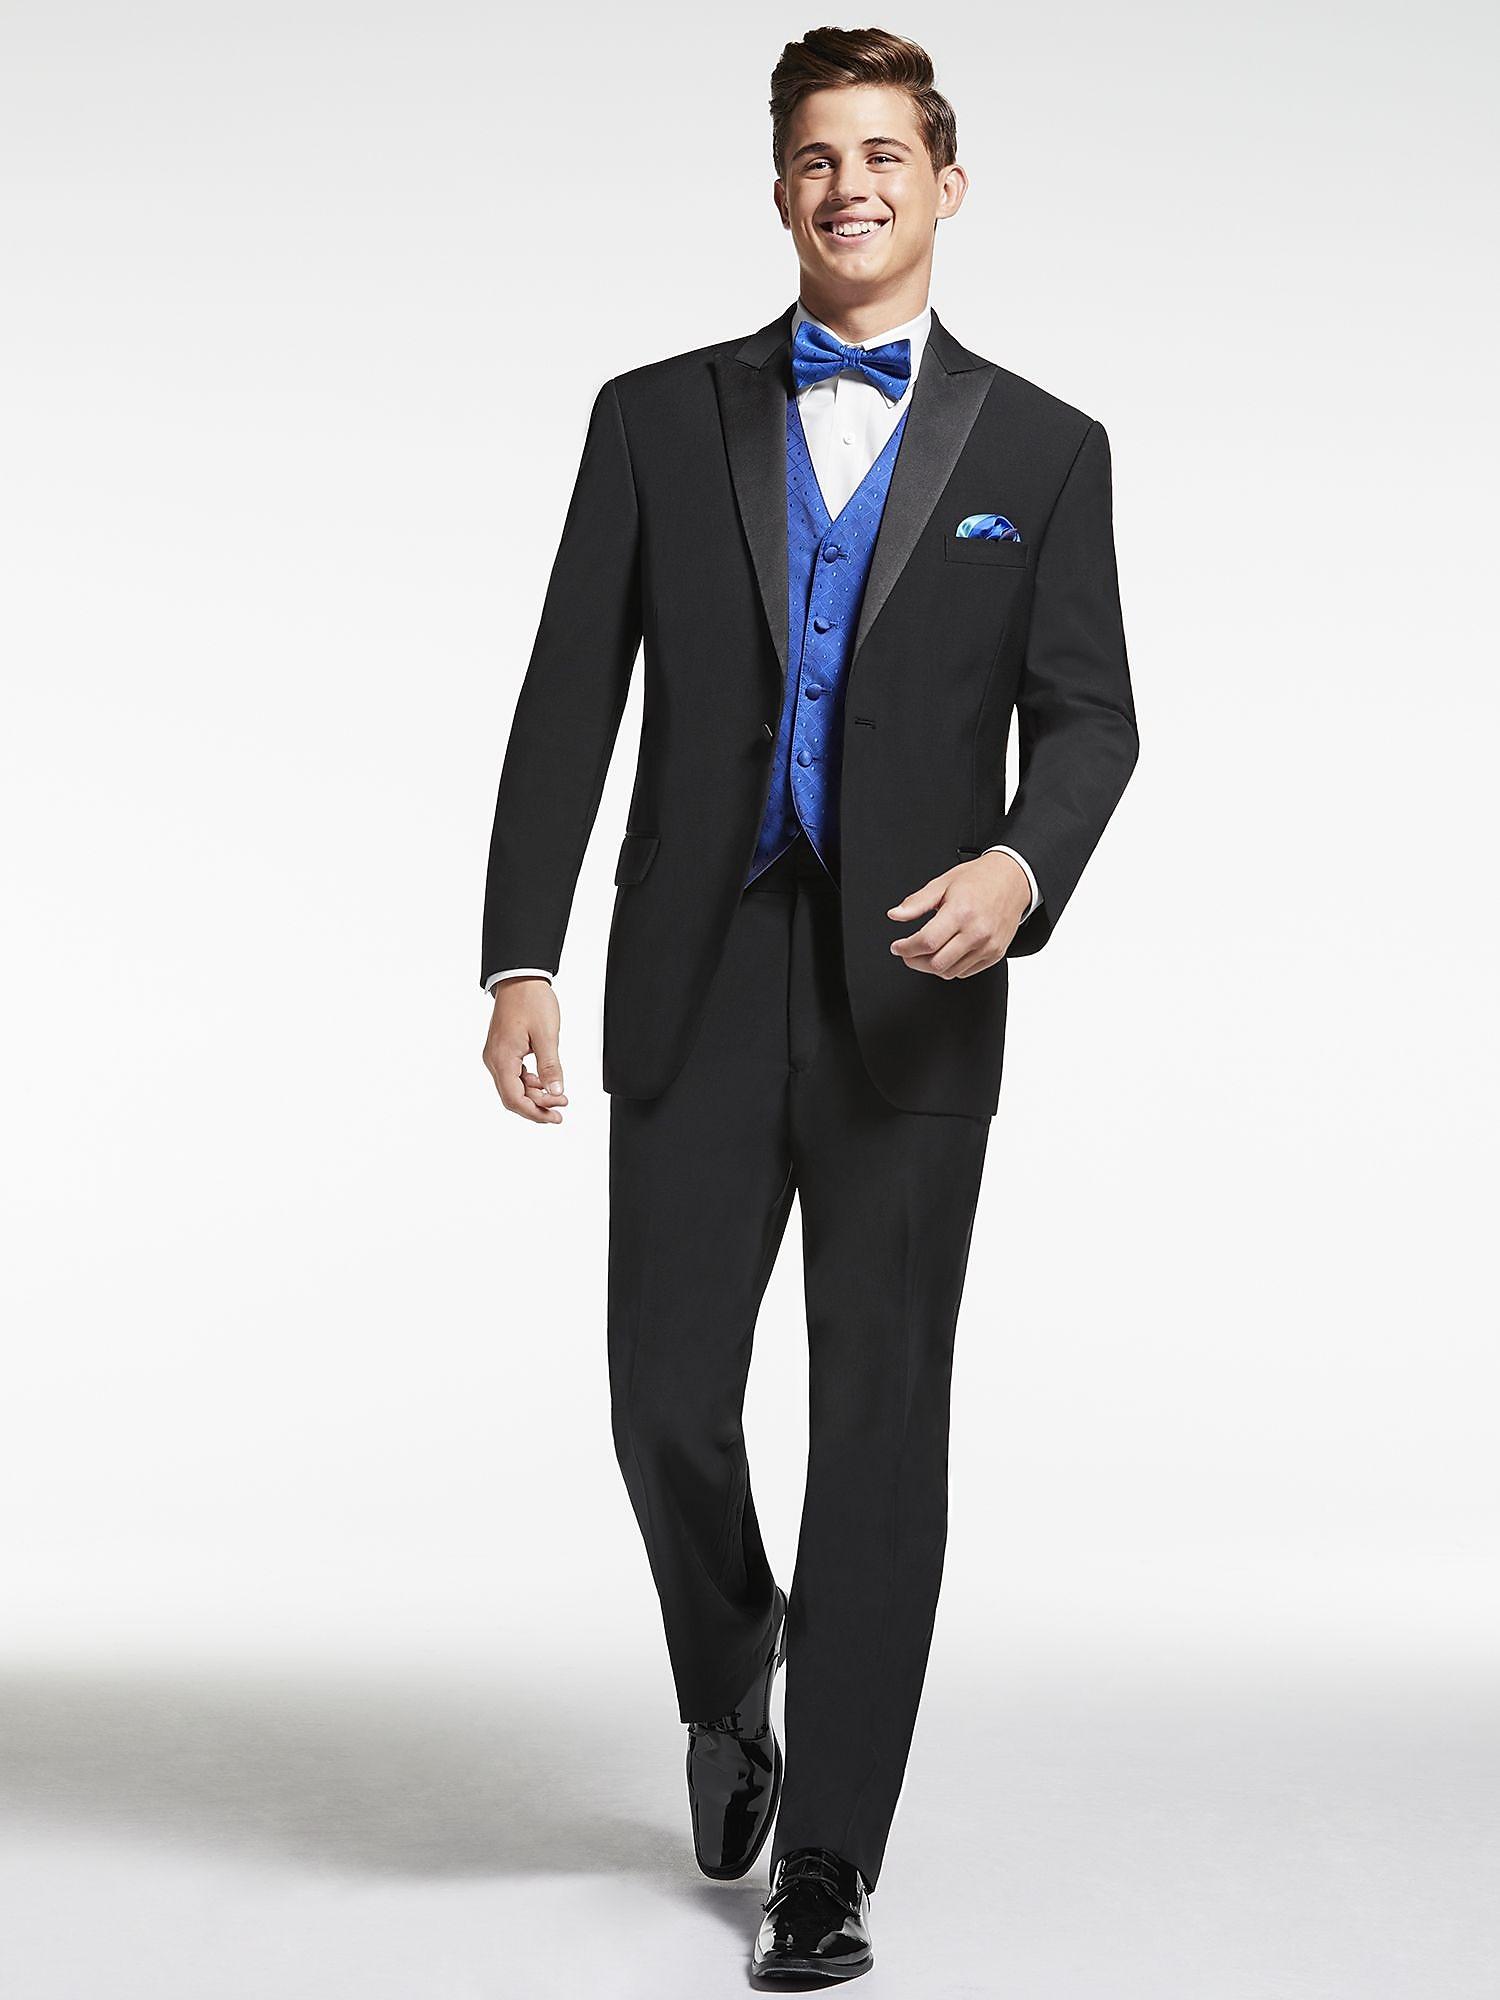 Black Tuxedo - Calvin Klein - Black Peak | Men\'s Wearhouse | Men\'s ...